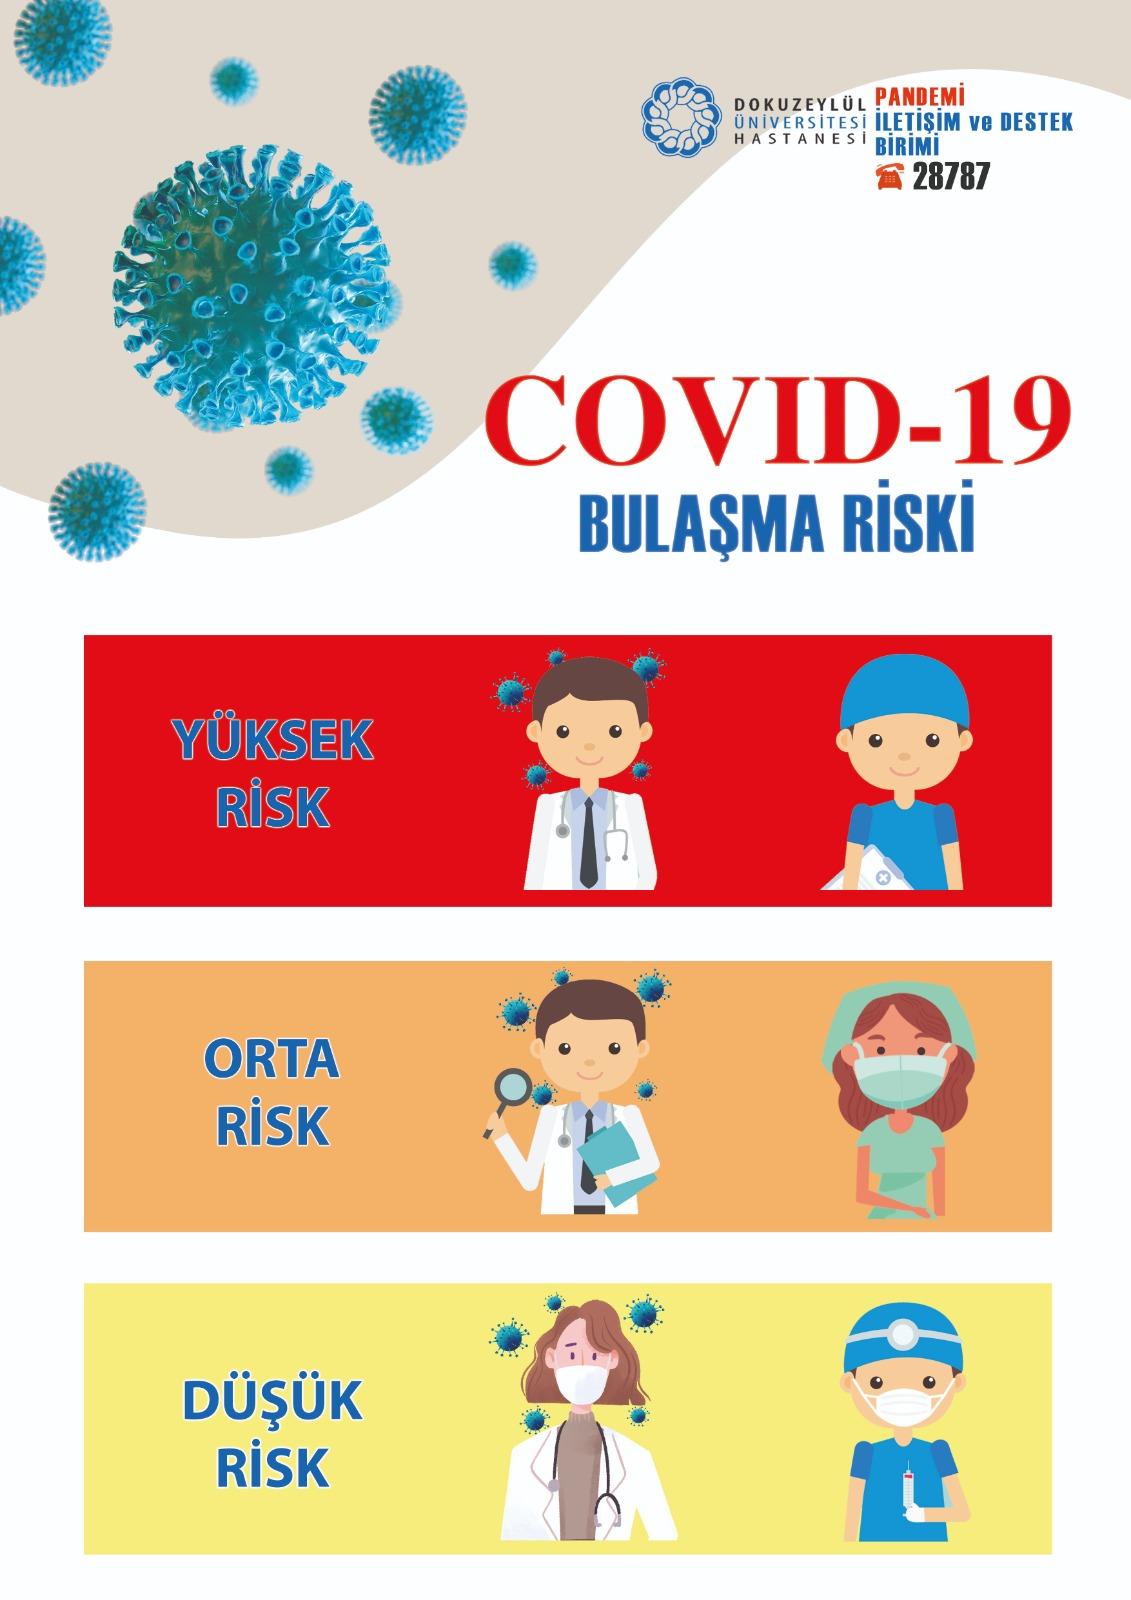 COVID-19 Bulaşma Riski